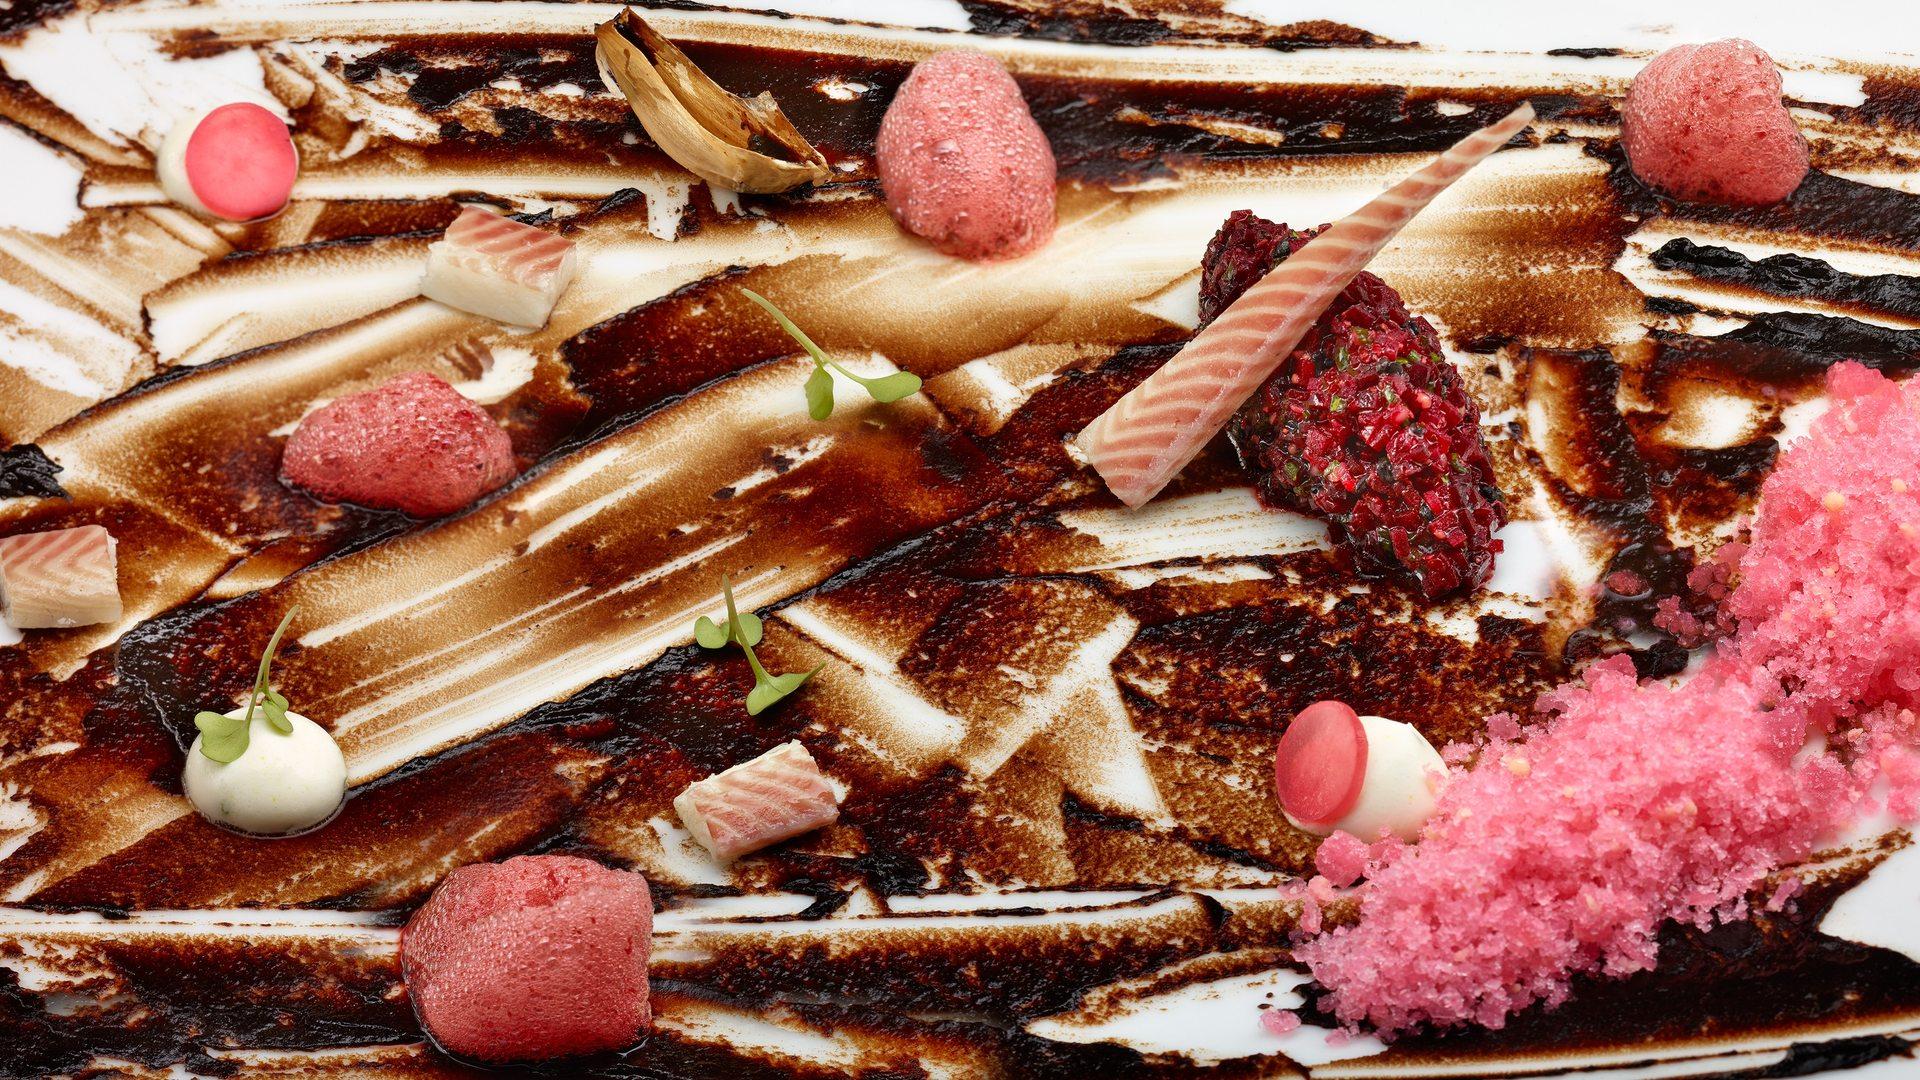 Plato estrella: Ajo negro salteado con ceviche de remolacha, granizado de rábano y crema raifort